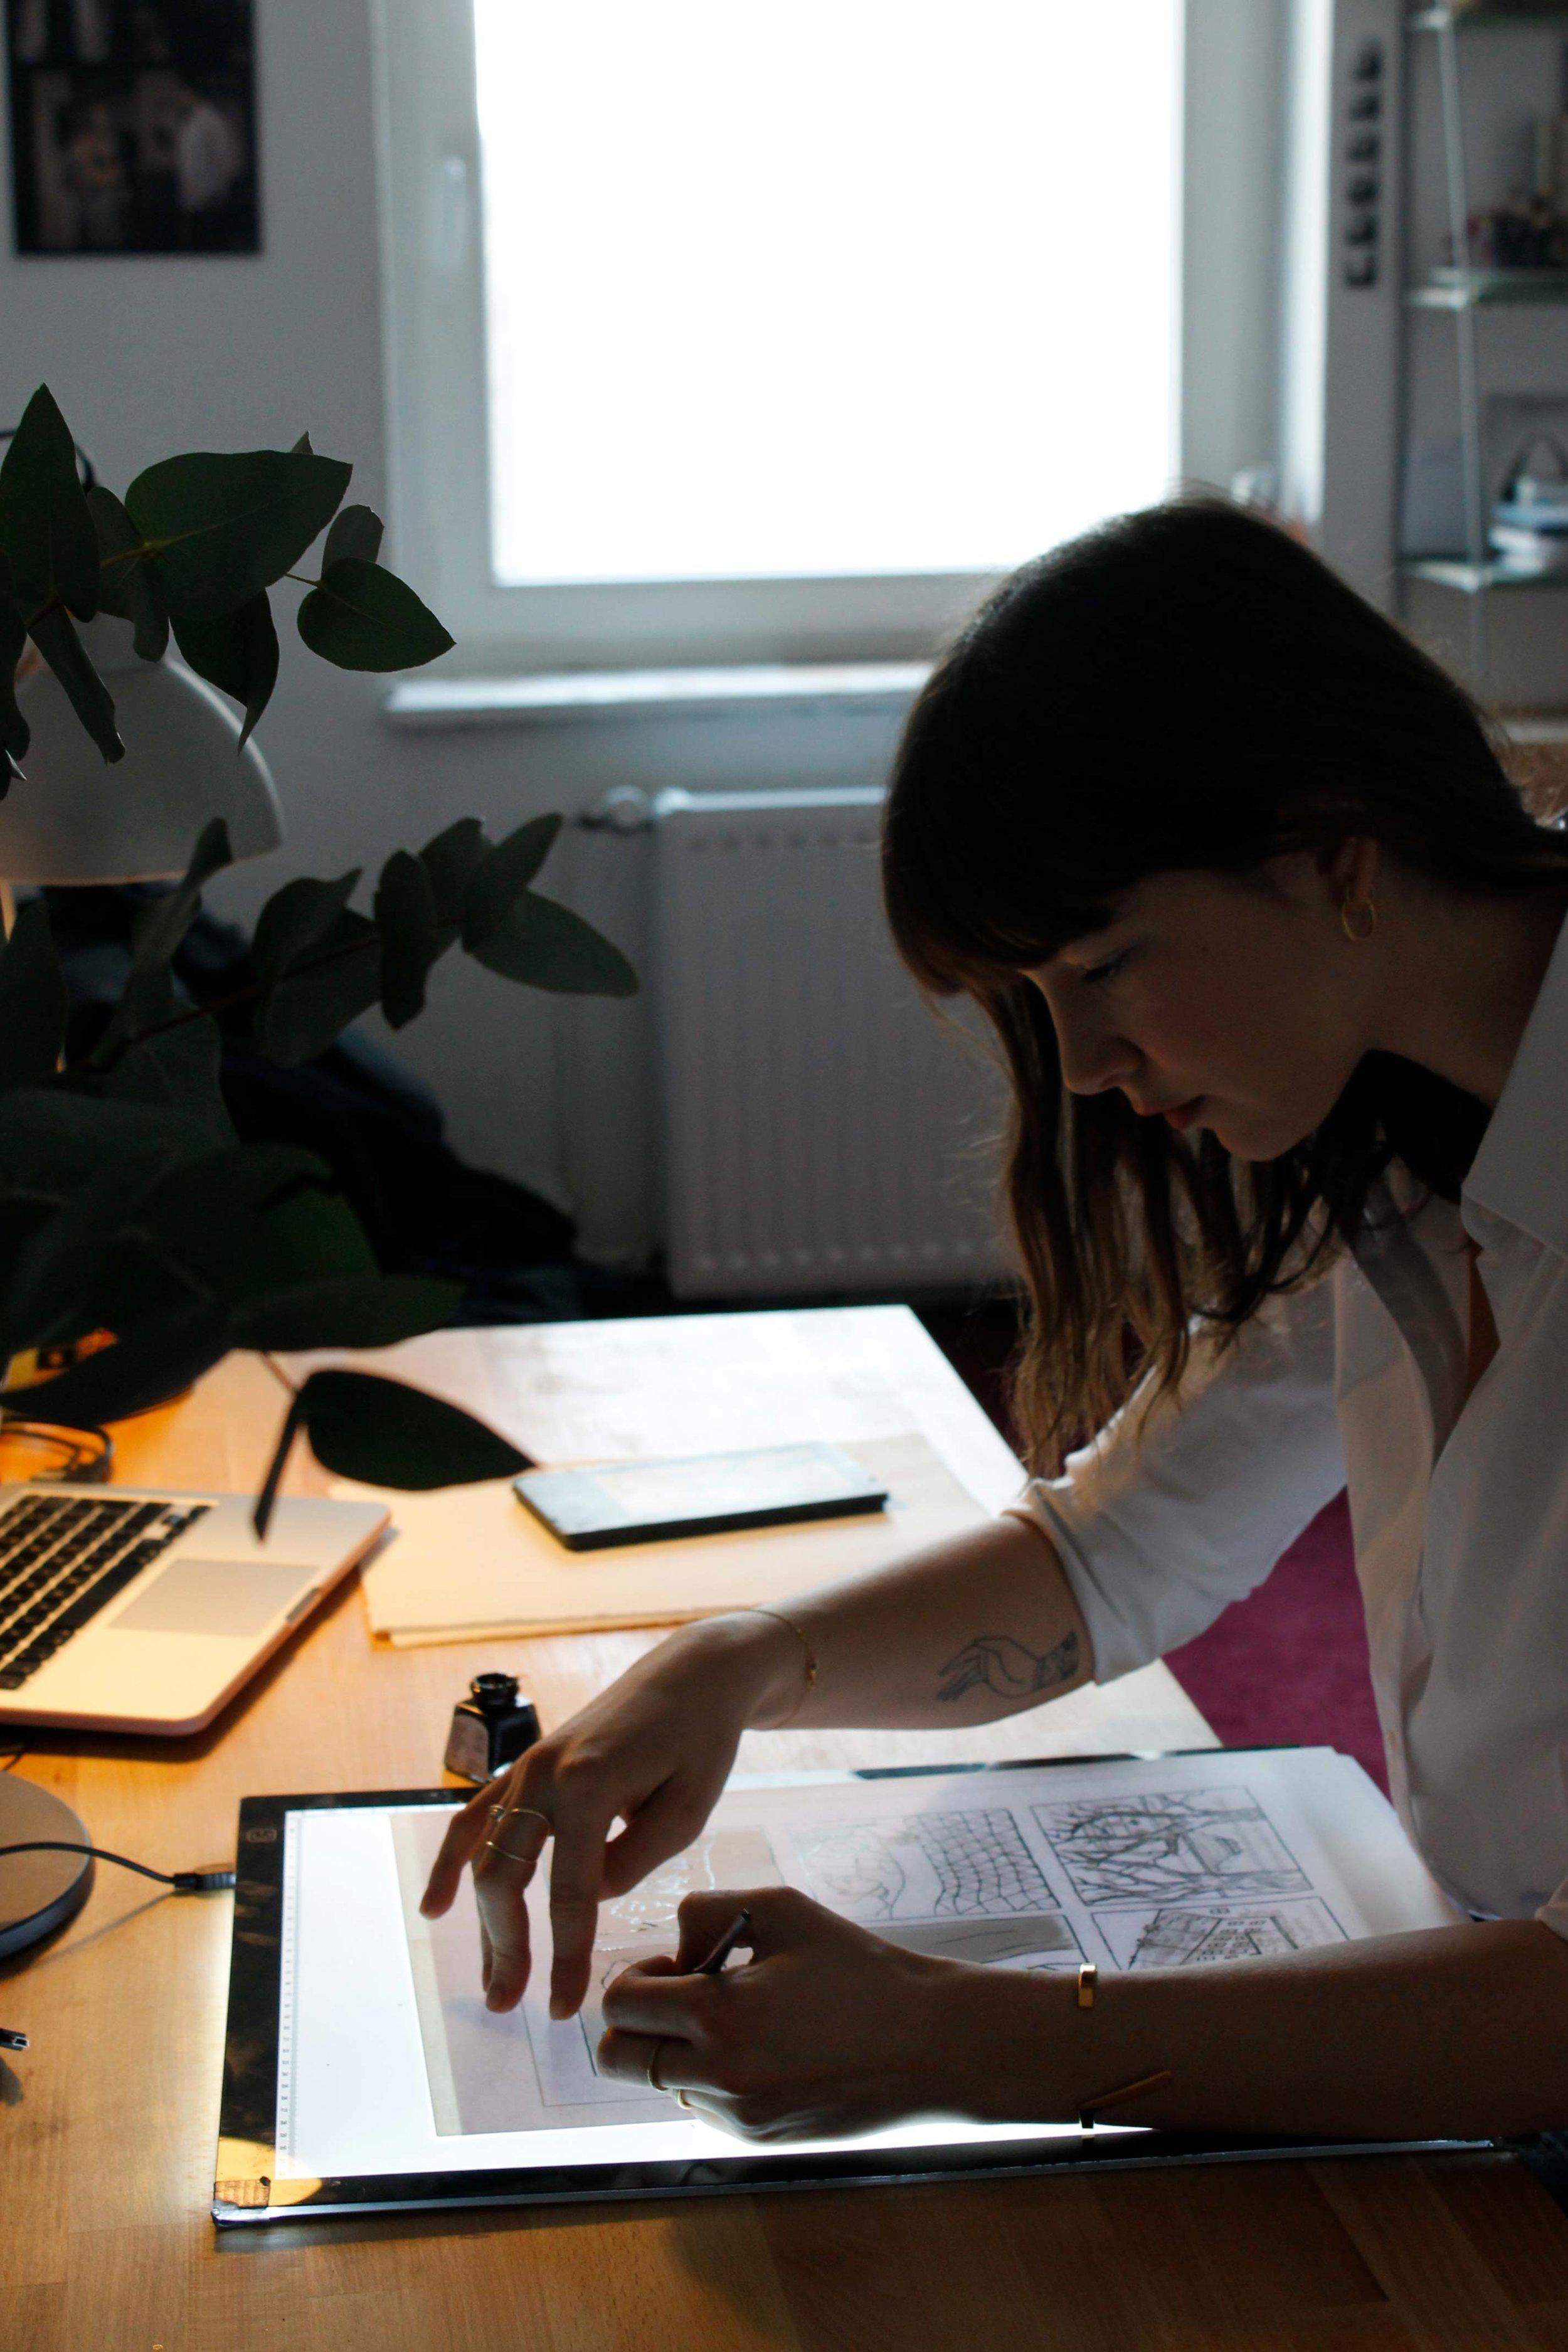 marie-de-beaucourt-blog-becoming-illustrator4.jpg